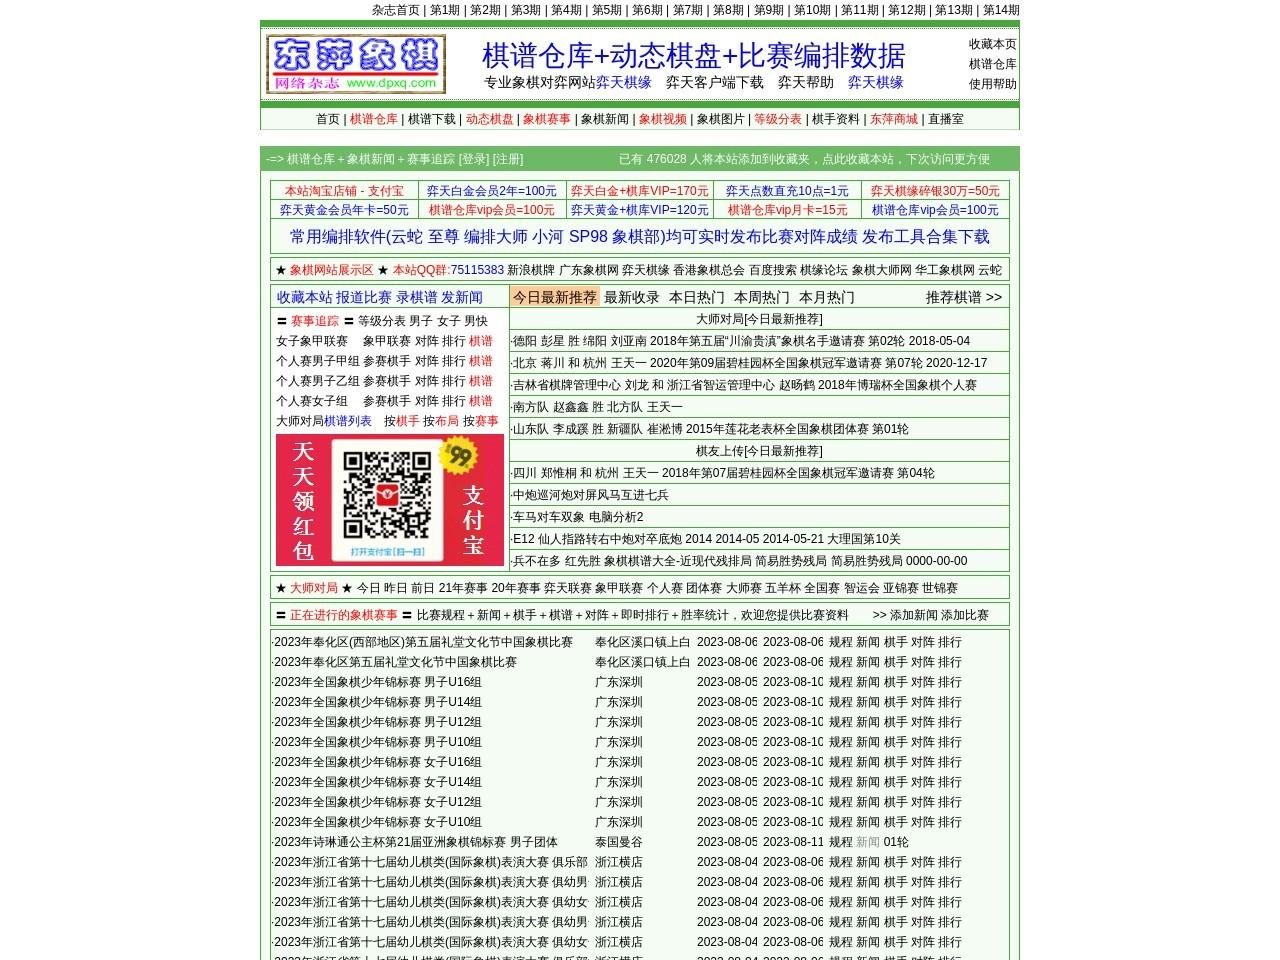 中国象棋棋谱仓库